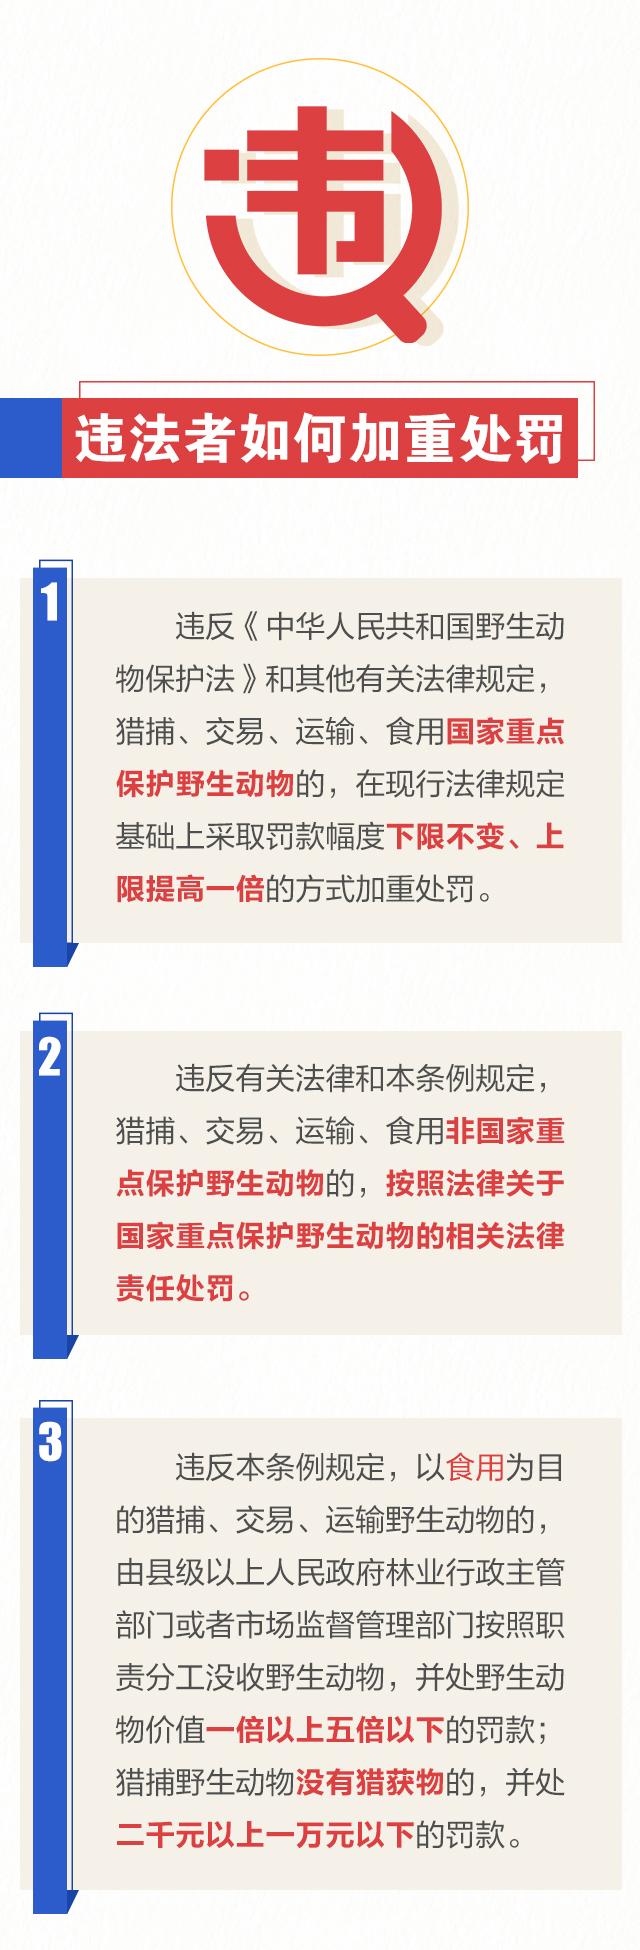 """硬核护""""野""""湖南禁食所有人工饲养陆生野生动物_02.jpg"""